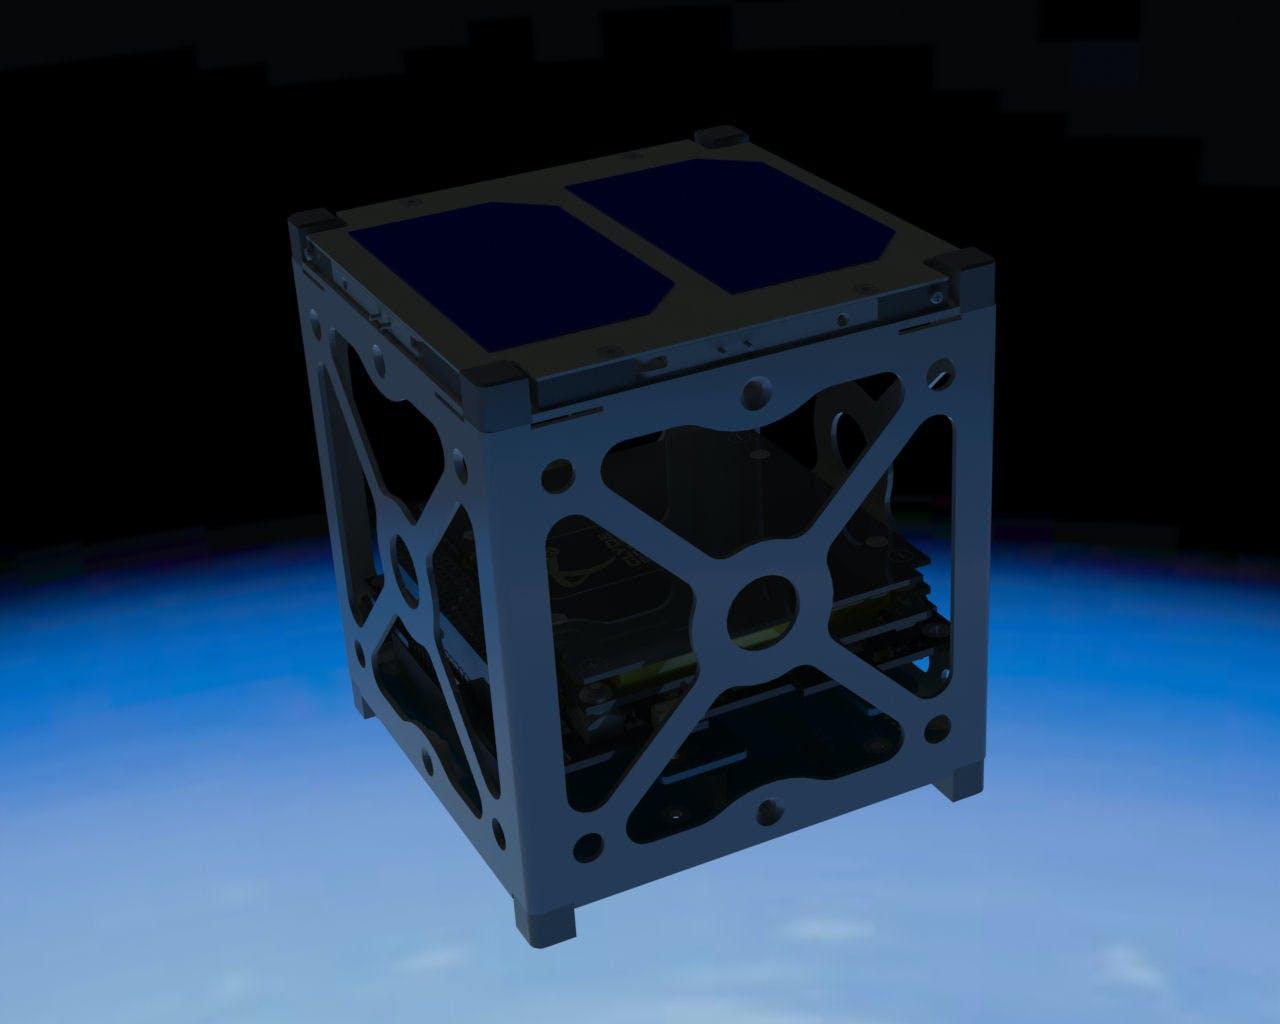 MoonSat